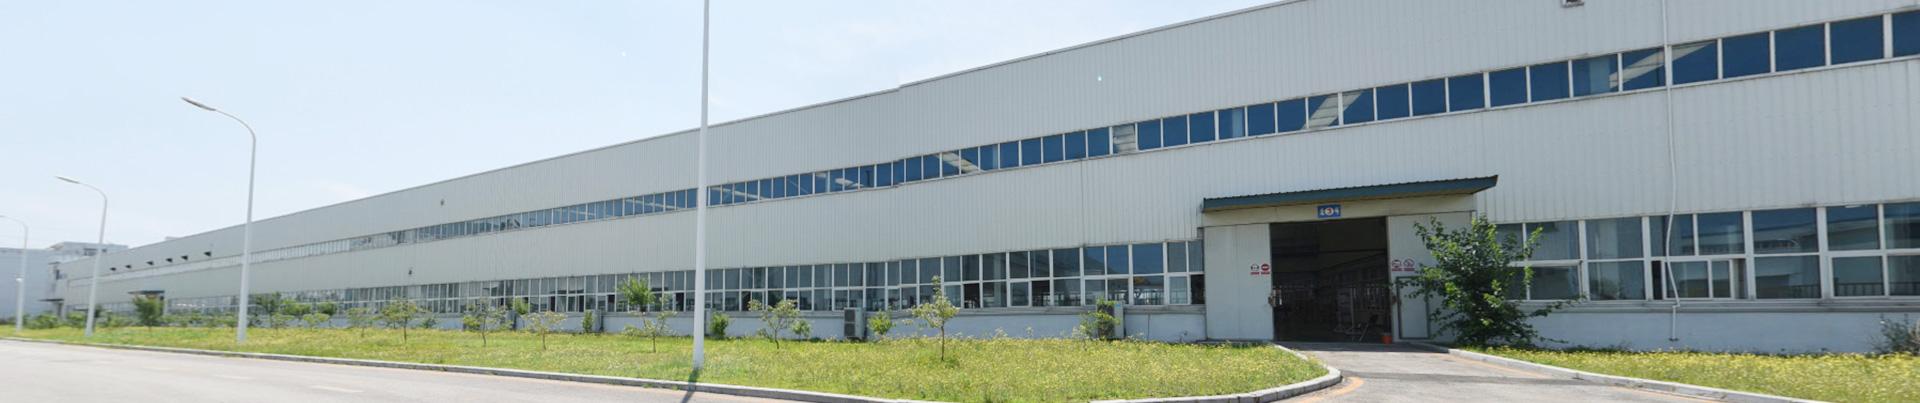 Завод Введение